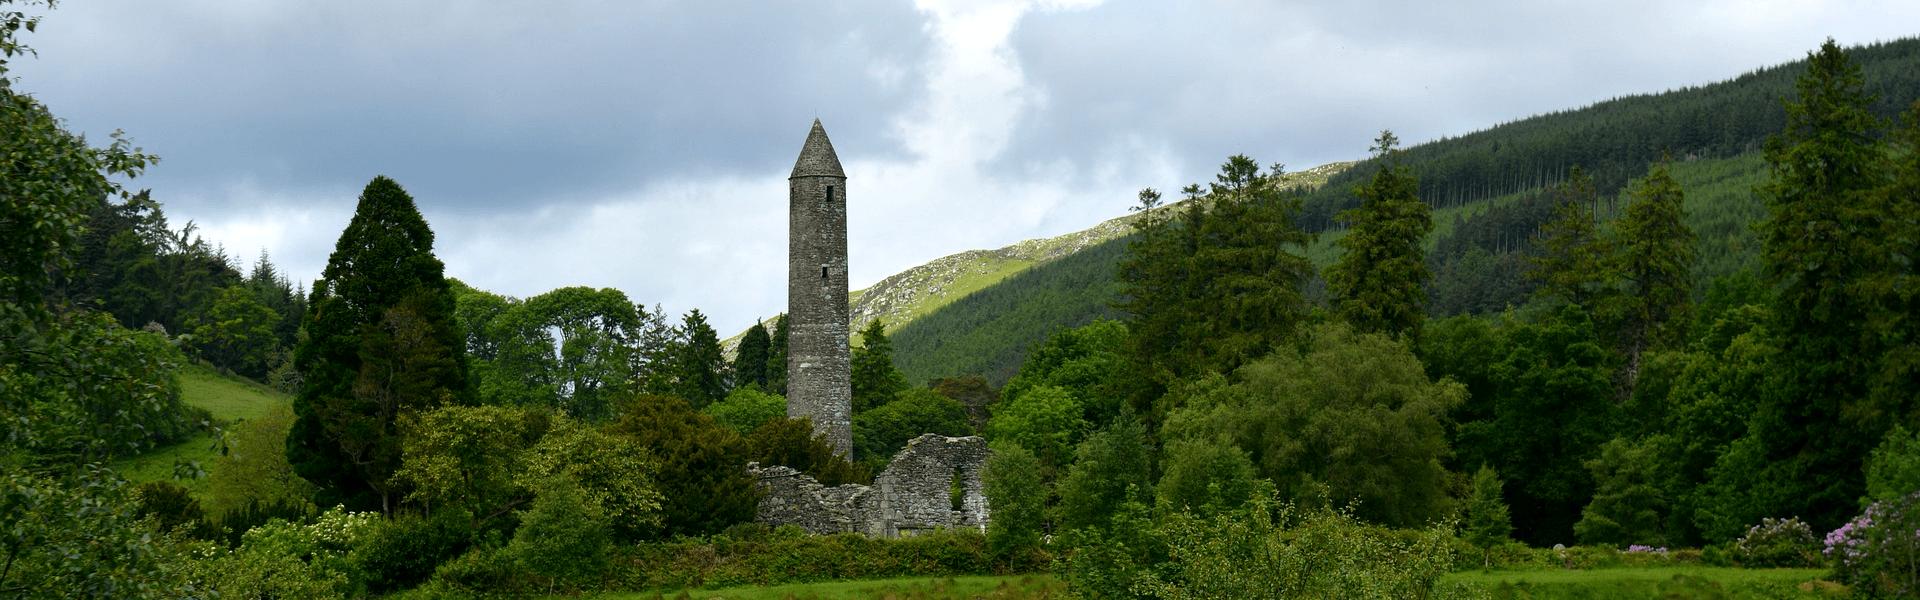 Ierland | Autorondreis langs de onstuimige natuur van Ierland